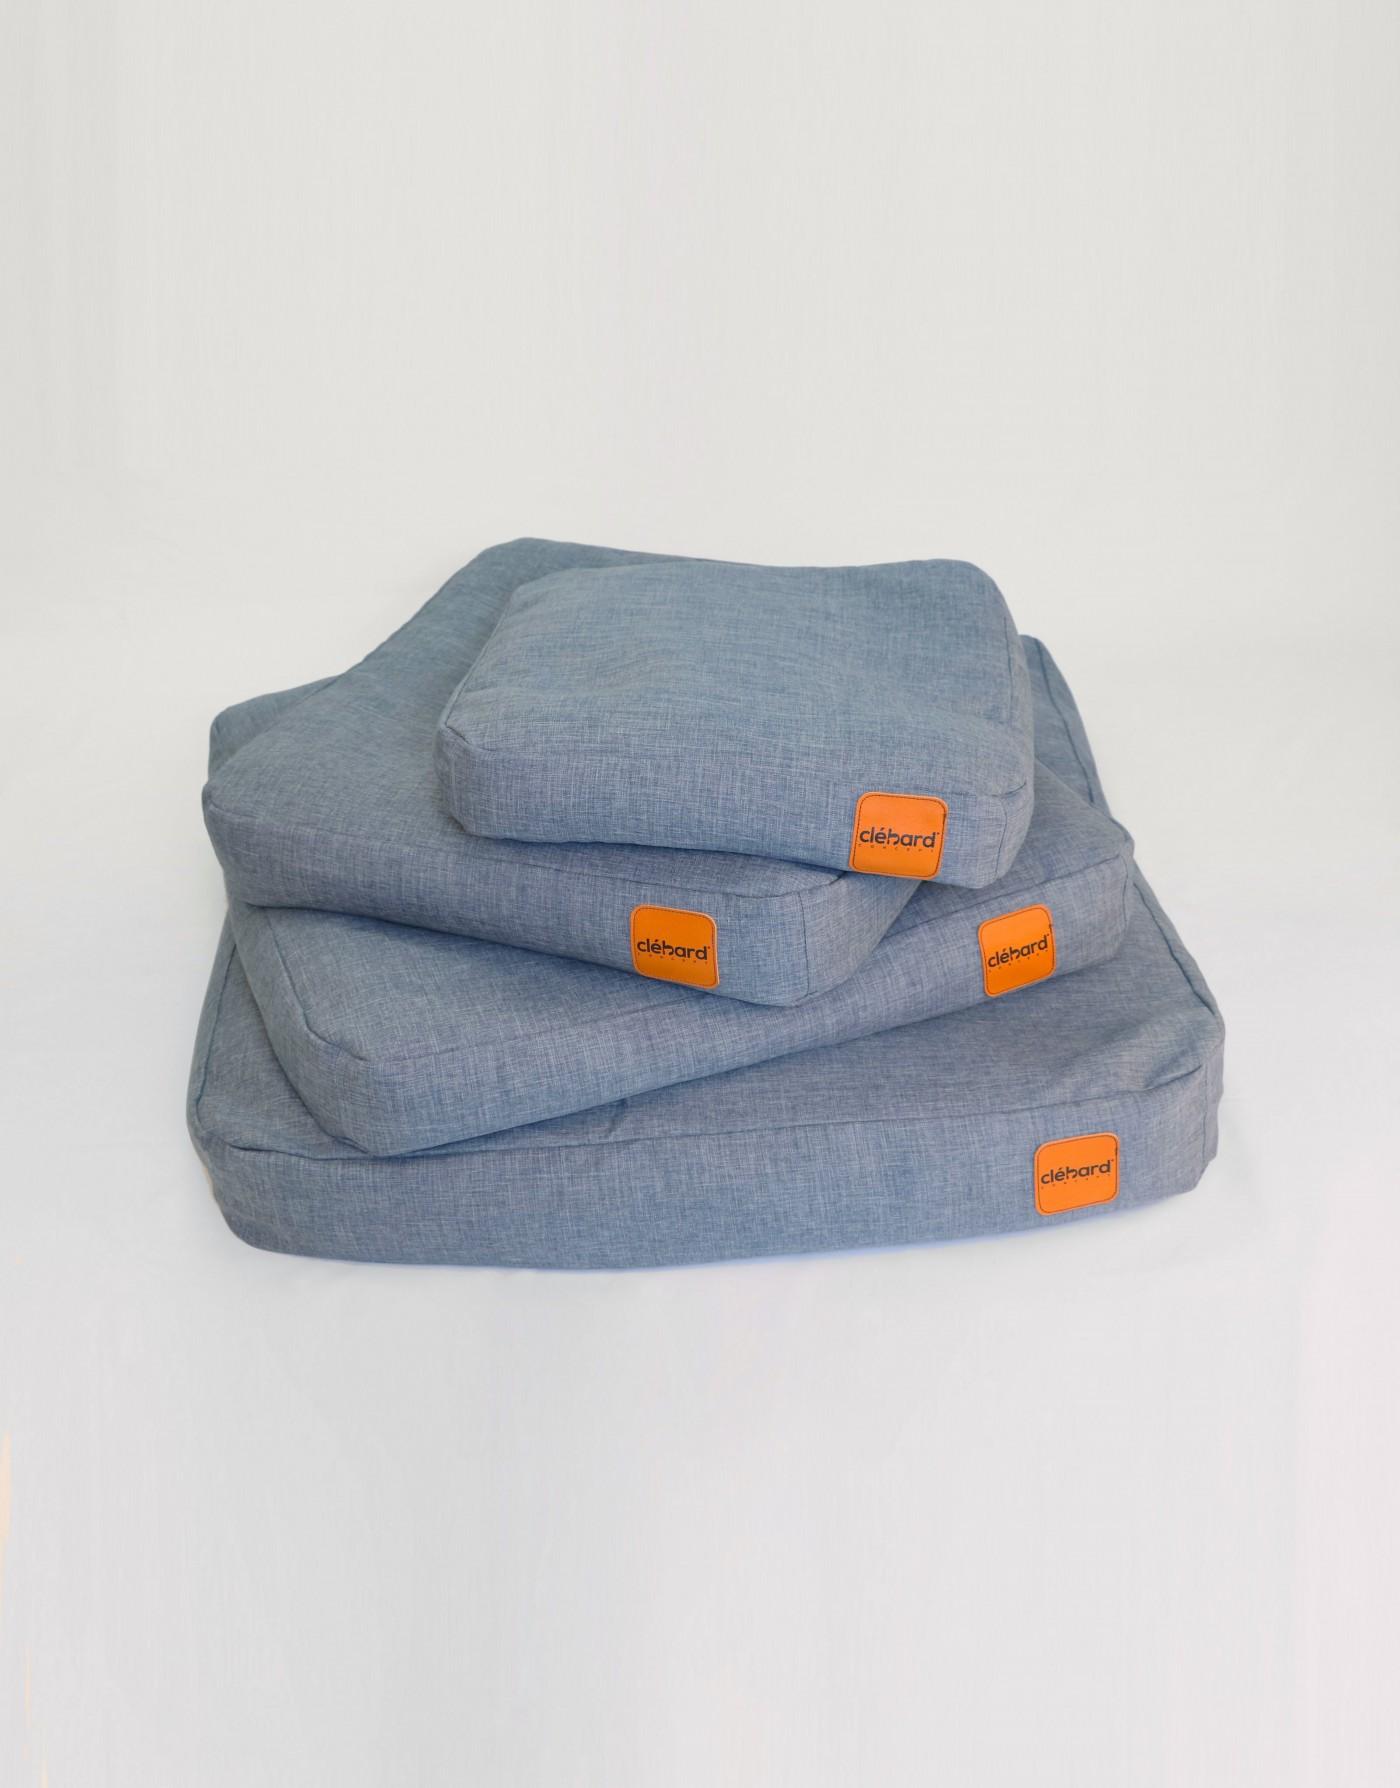 Coussin pour chien élégant - Linen - Light Jeans